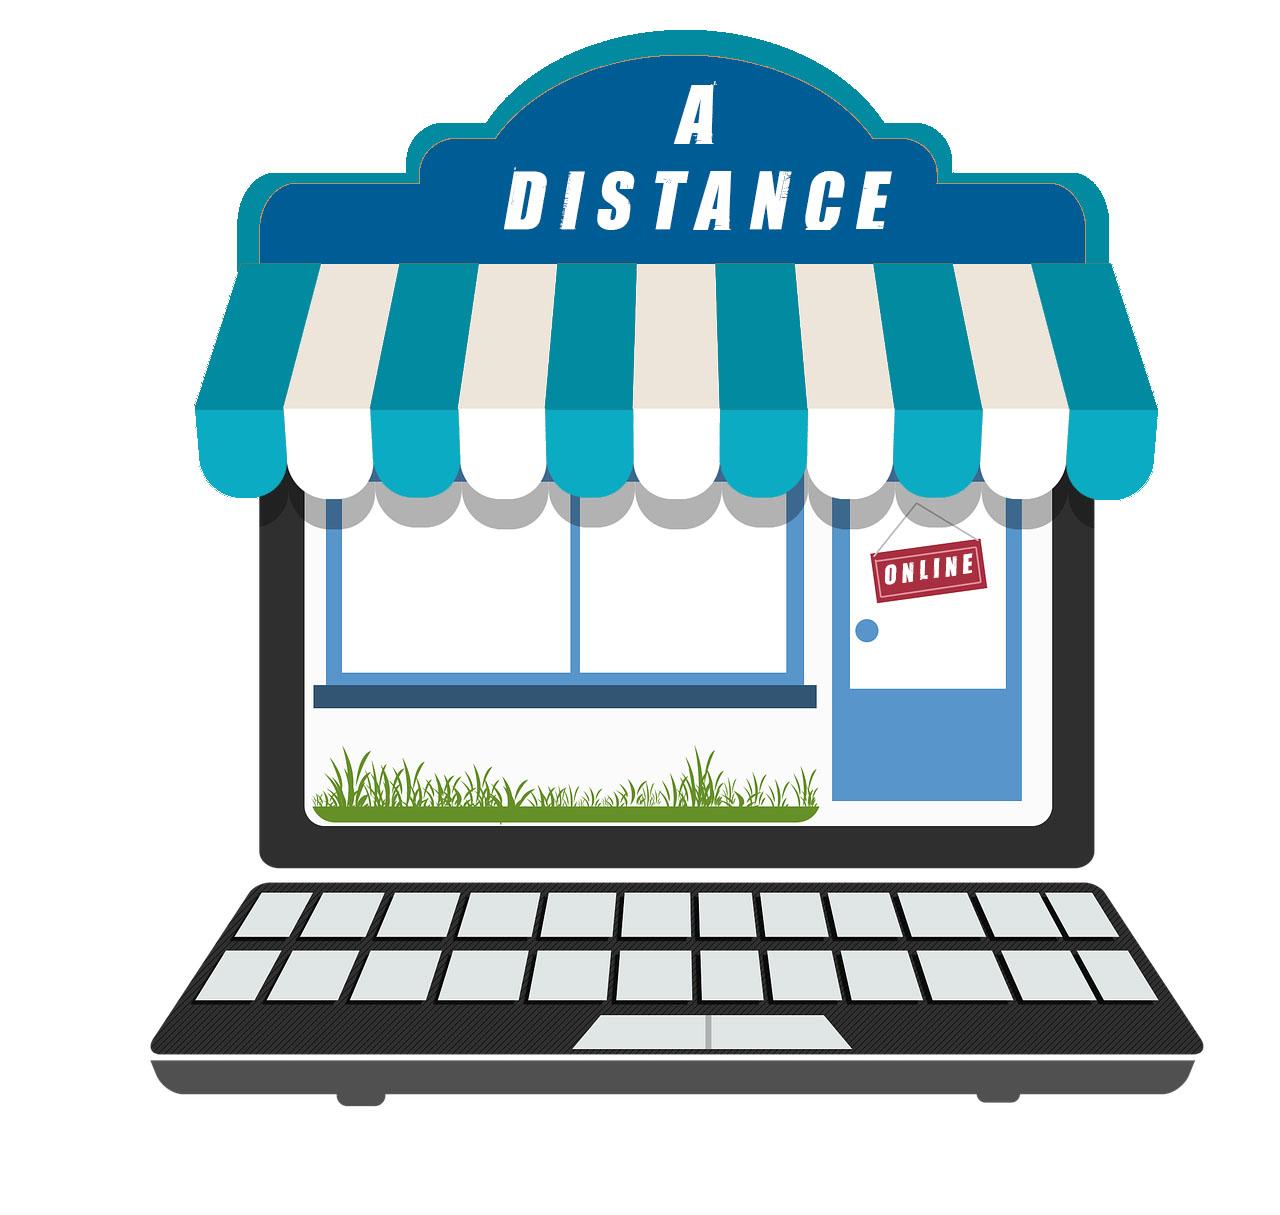 A distance